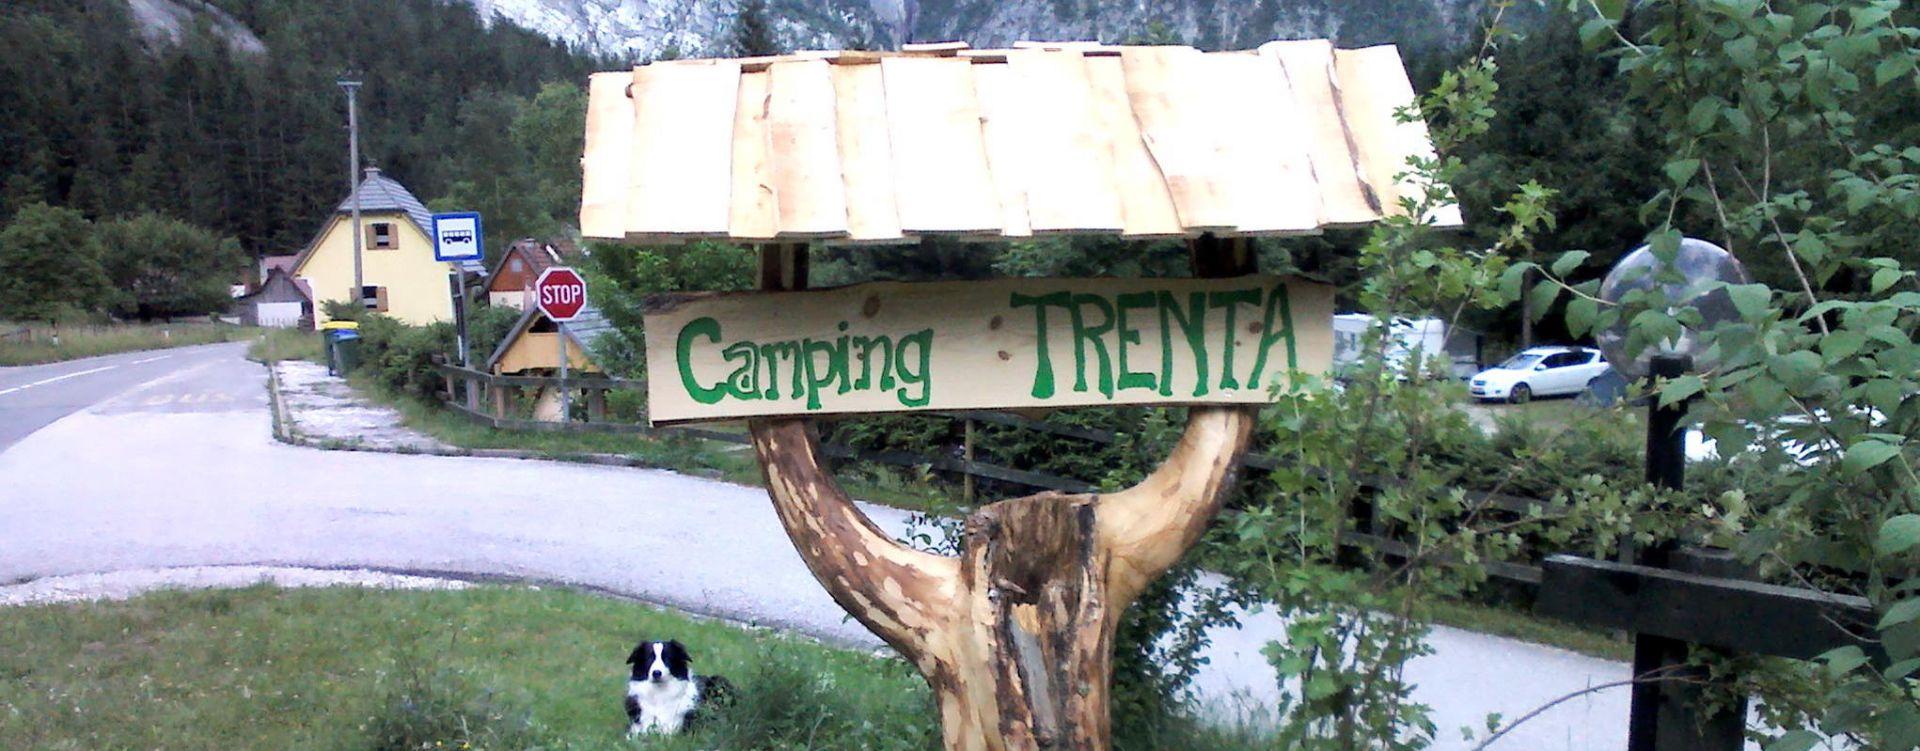 Camping Trenta Soca valley